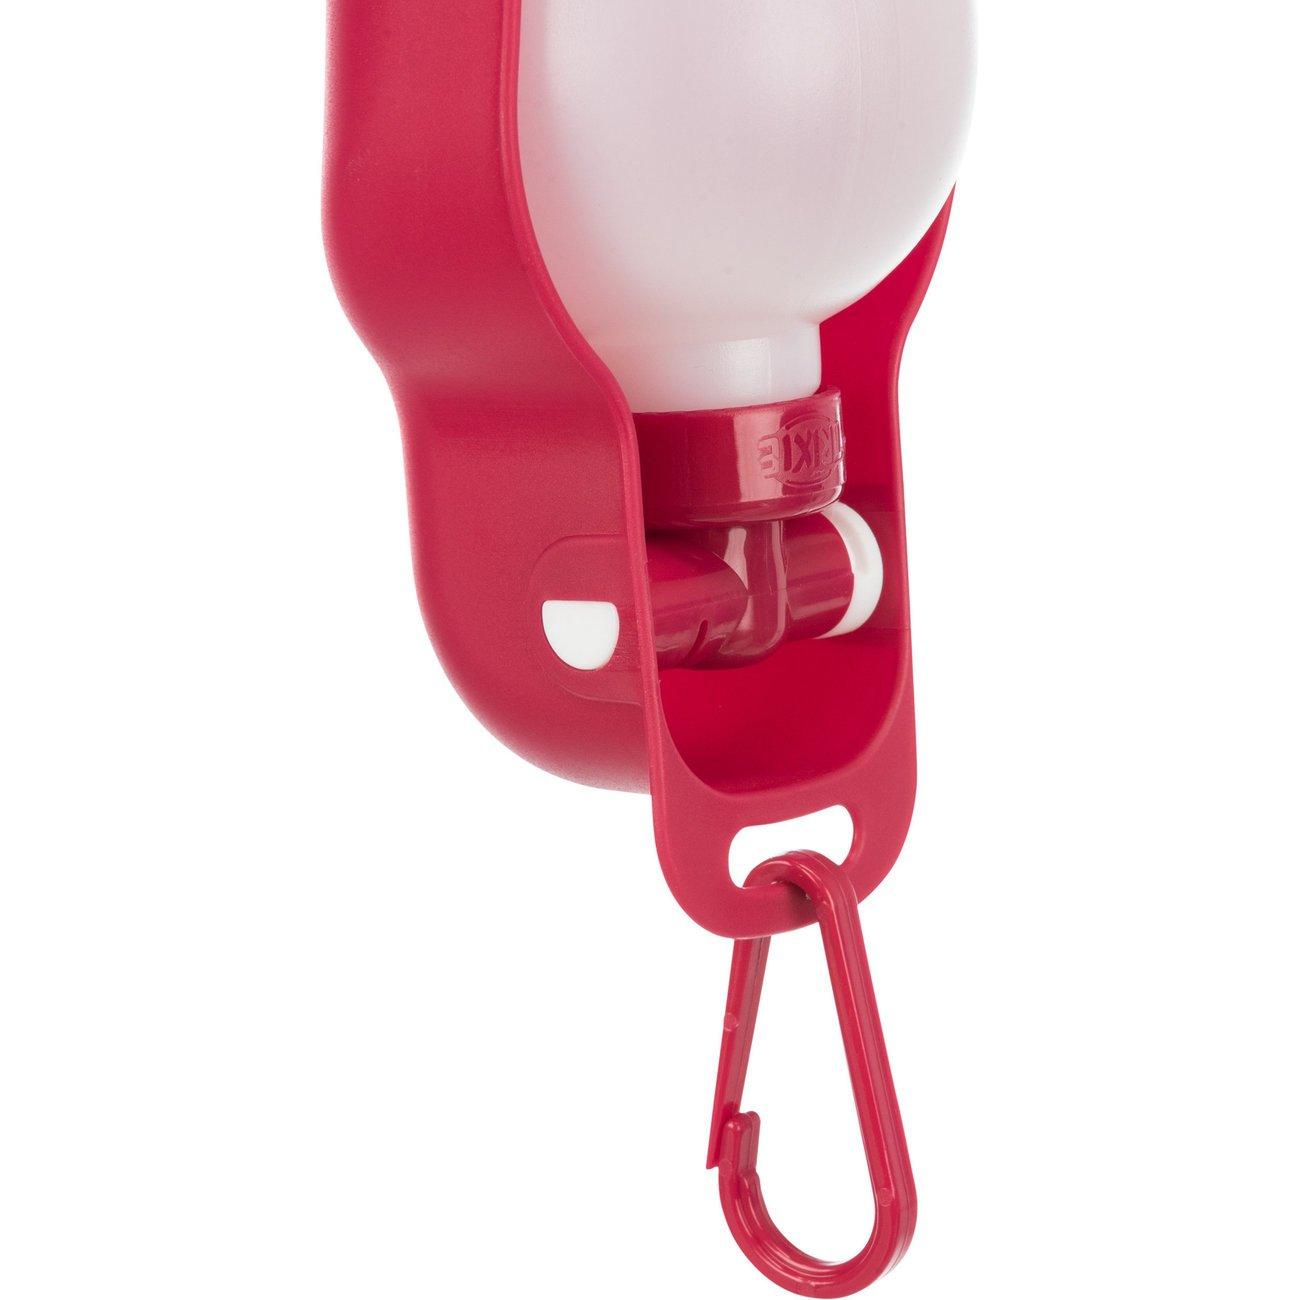 TRIXIE Wasserflasche mit Trinknapf für Hunde 2462, Bild 7